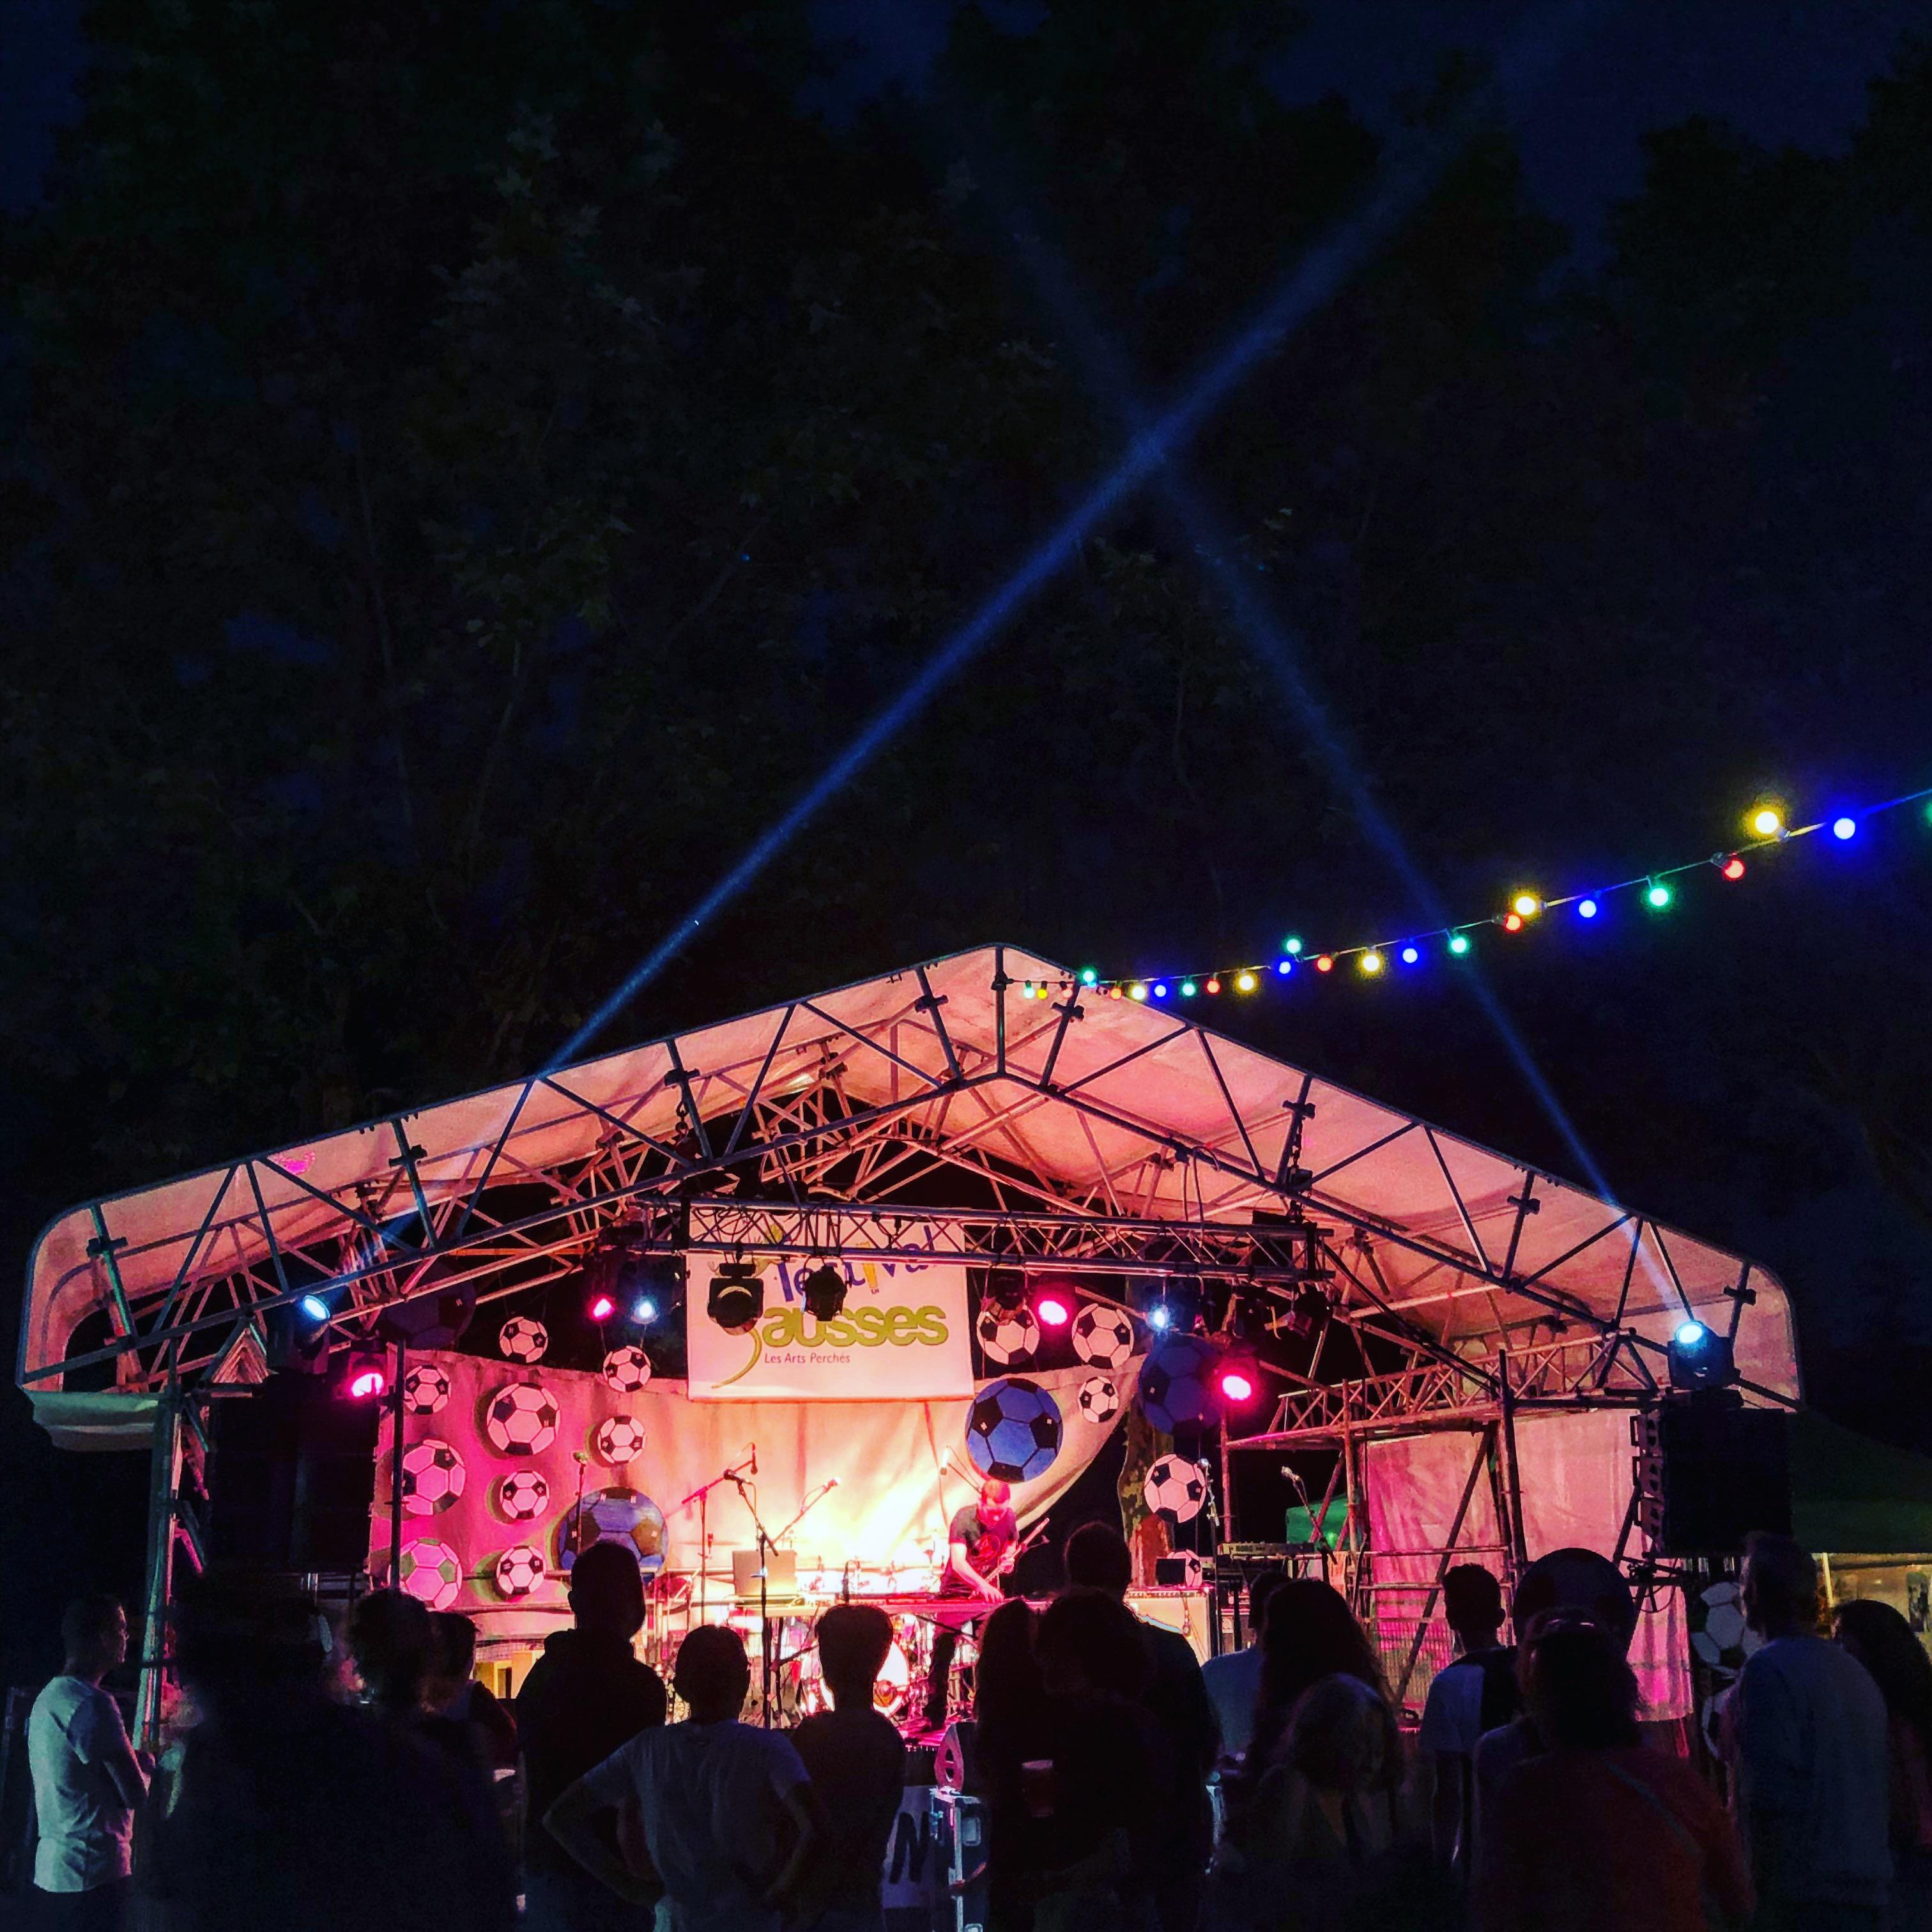 aucop-event-festival-festival en sausses-sonorisation-eclairage-cali-kolinka-dahan-scene-audiovisuel-evenementiel-alpes de haute provence-carros-nice-scene